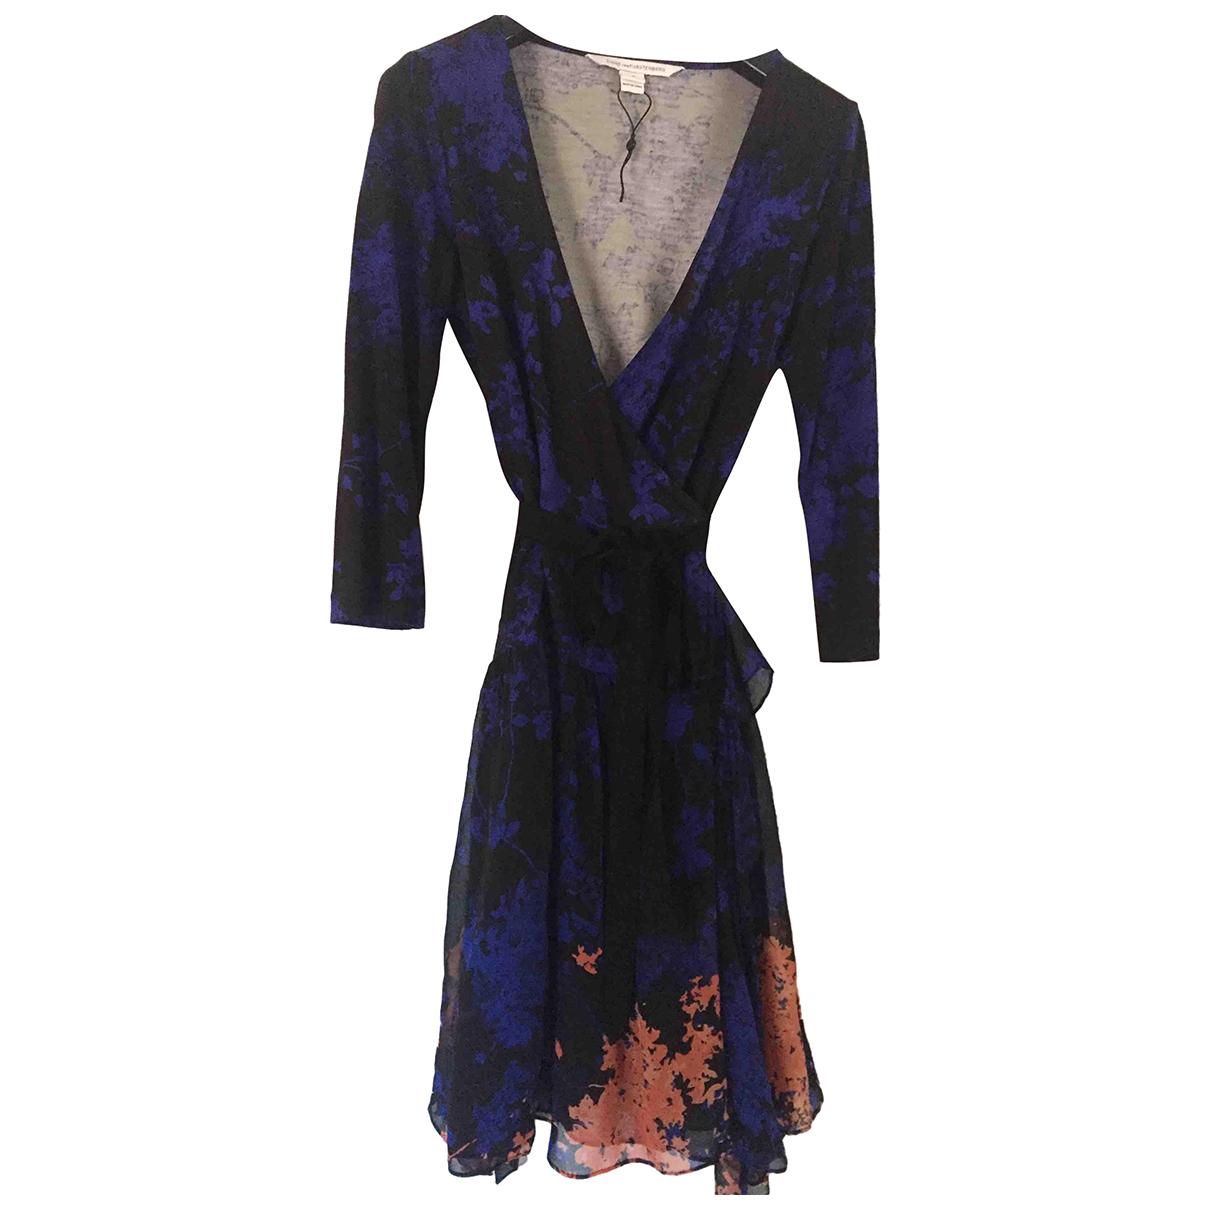 Diane Von Furstenberg \N \N Silk dress for Women 4 US